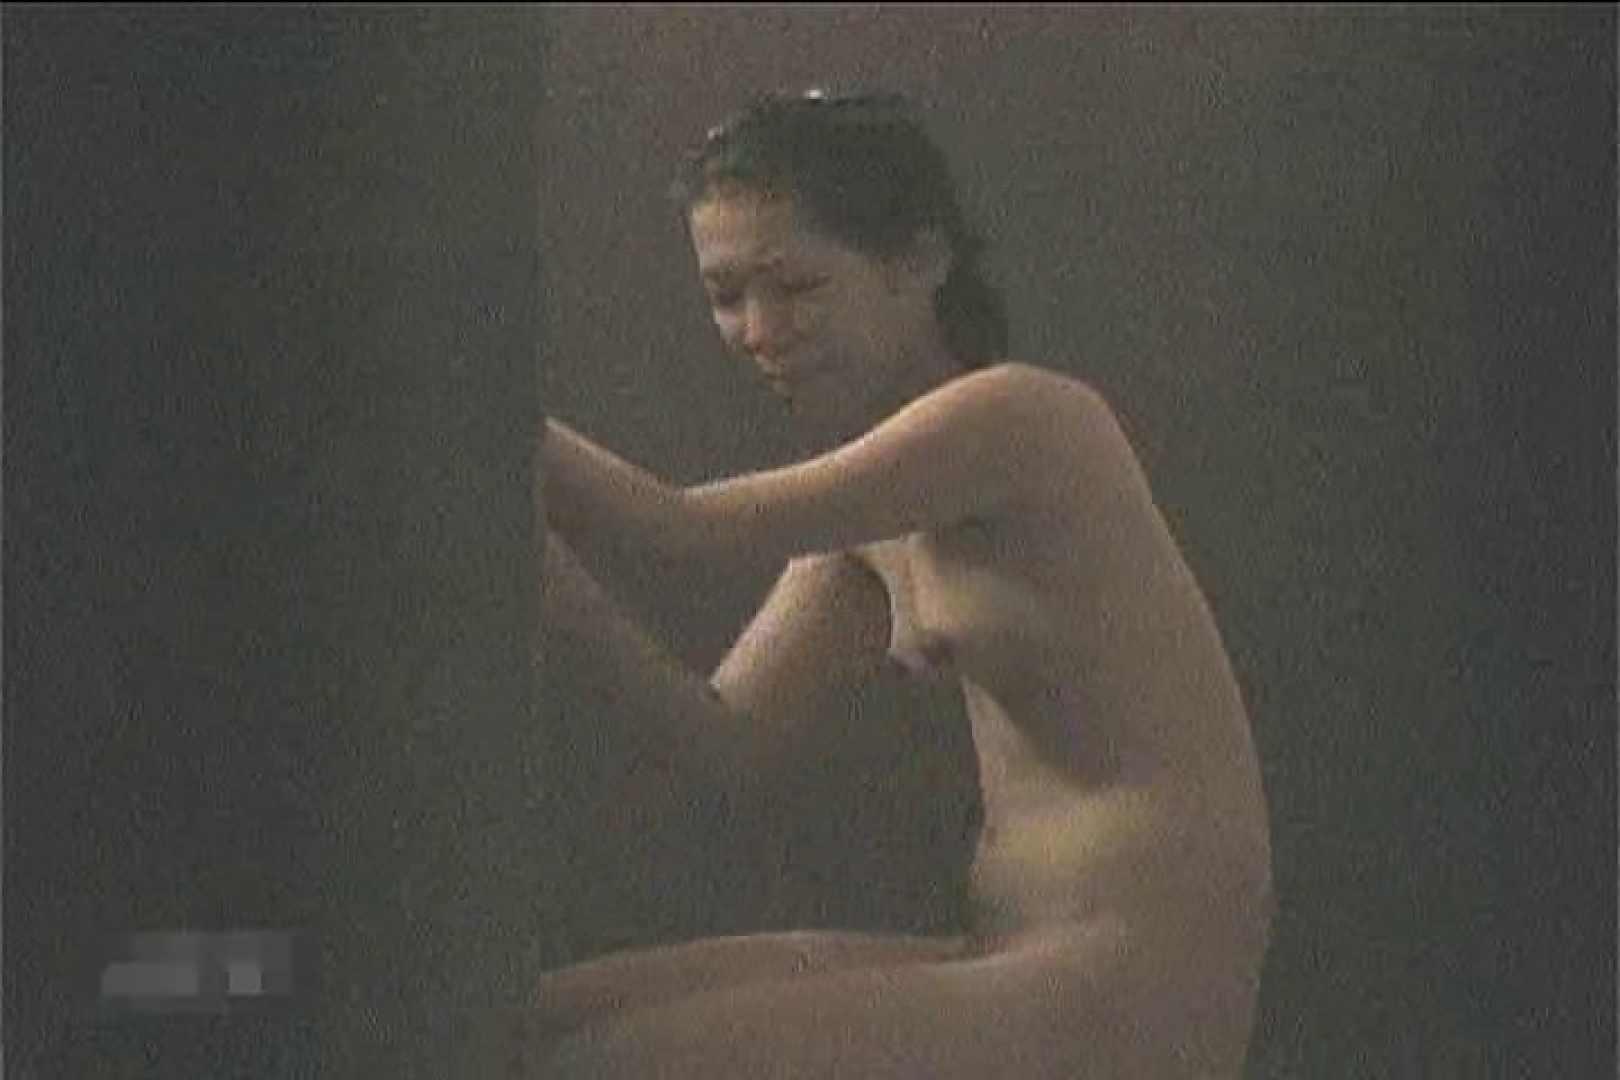 全裸で発情!!家族風呂の実態Vol.3 エッチなセックス スケベ動画紹介 75画像 35